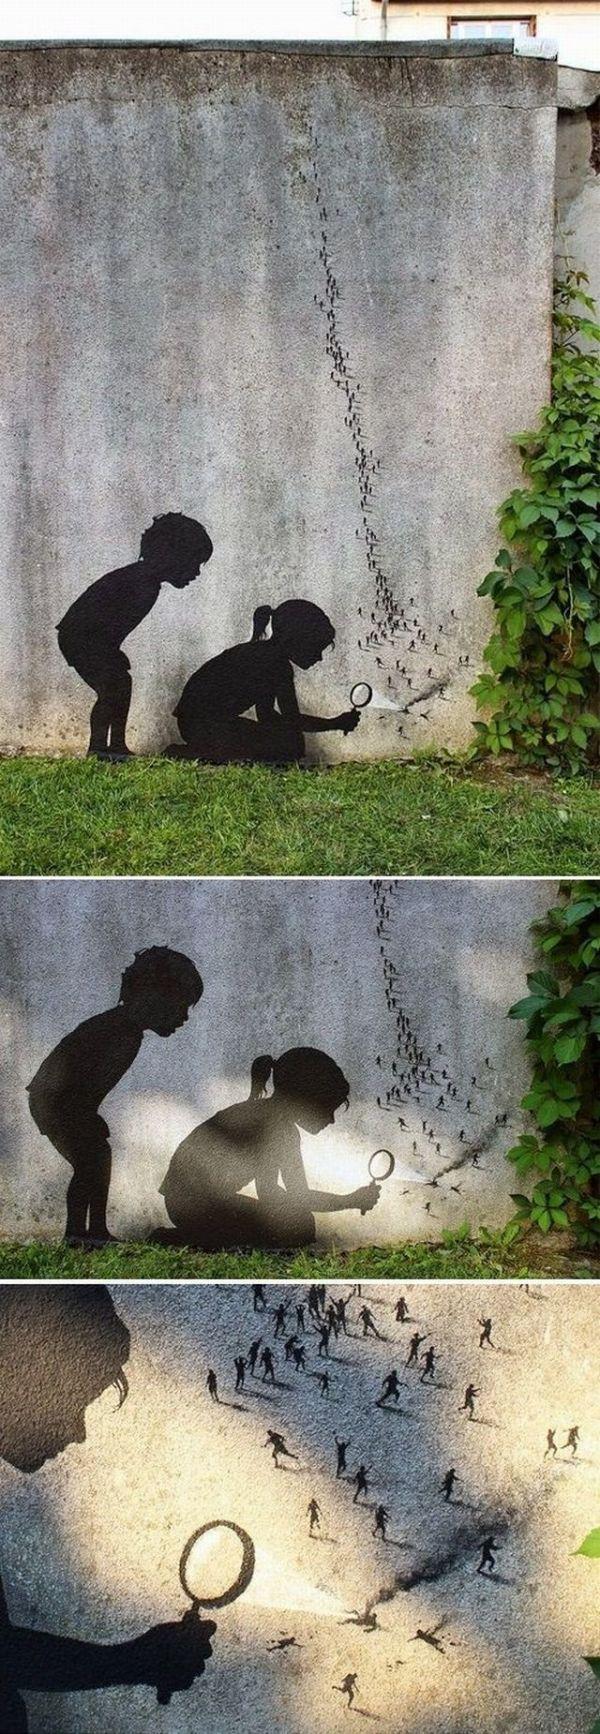 Die besten 100 Bilder in der Kategorie graffiti: Lebewesen, Menschen, Ameisen, Lupe, verbrennen, spielen.